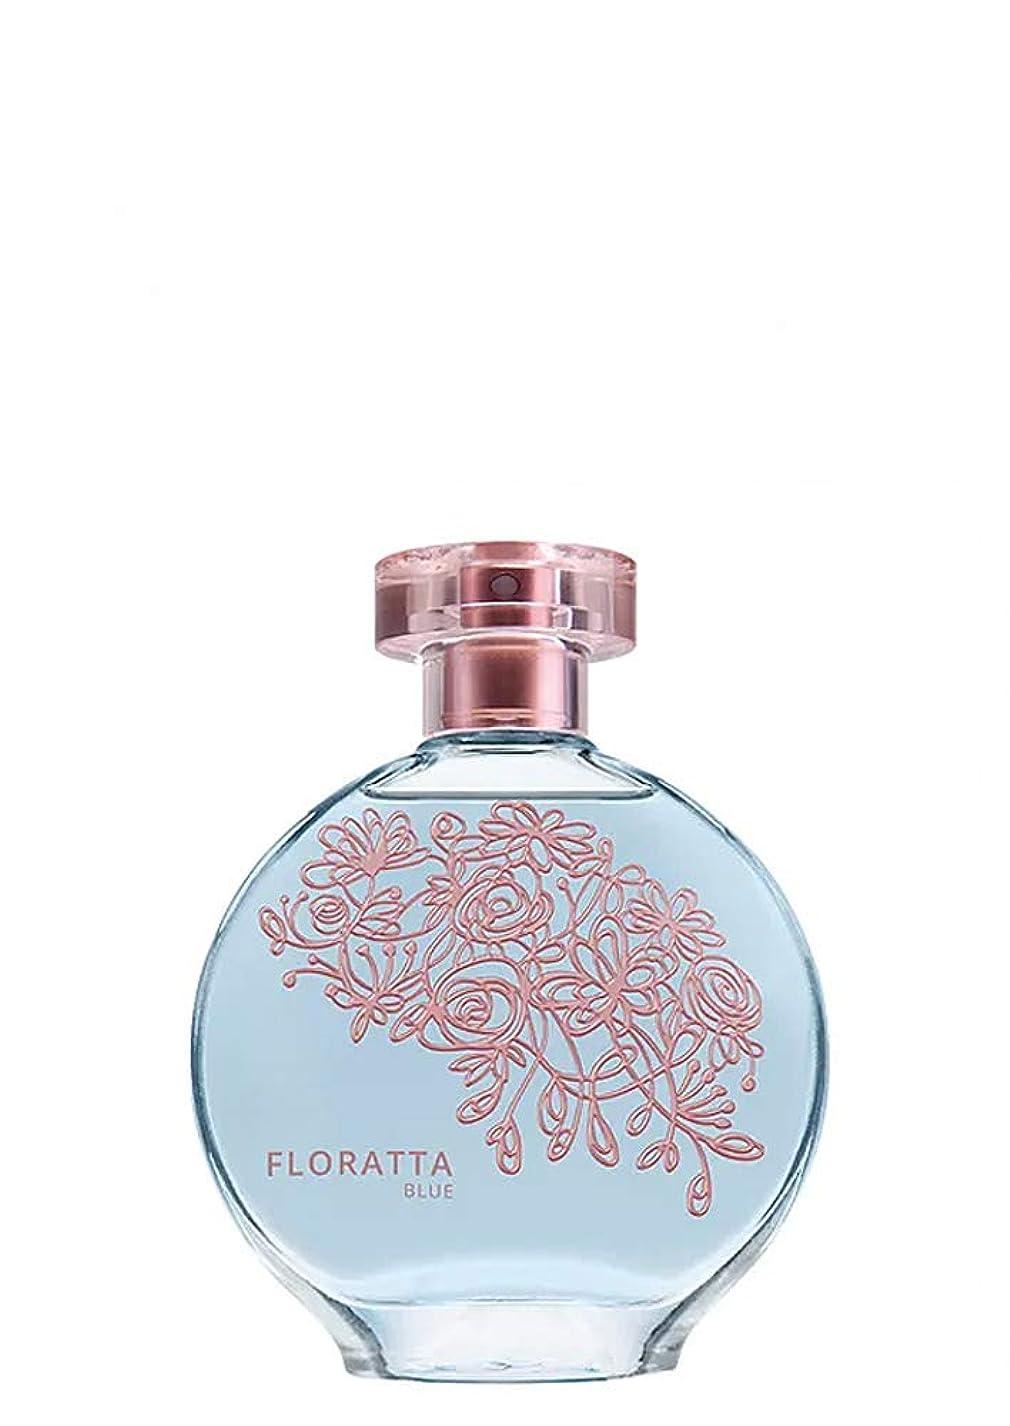 クレアガムギターオ?ボチカリオ 香水 オードトワレ フロラッタ ブルー FLORATTA BLUE 女性用 75ML